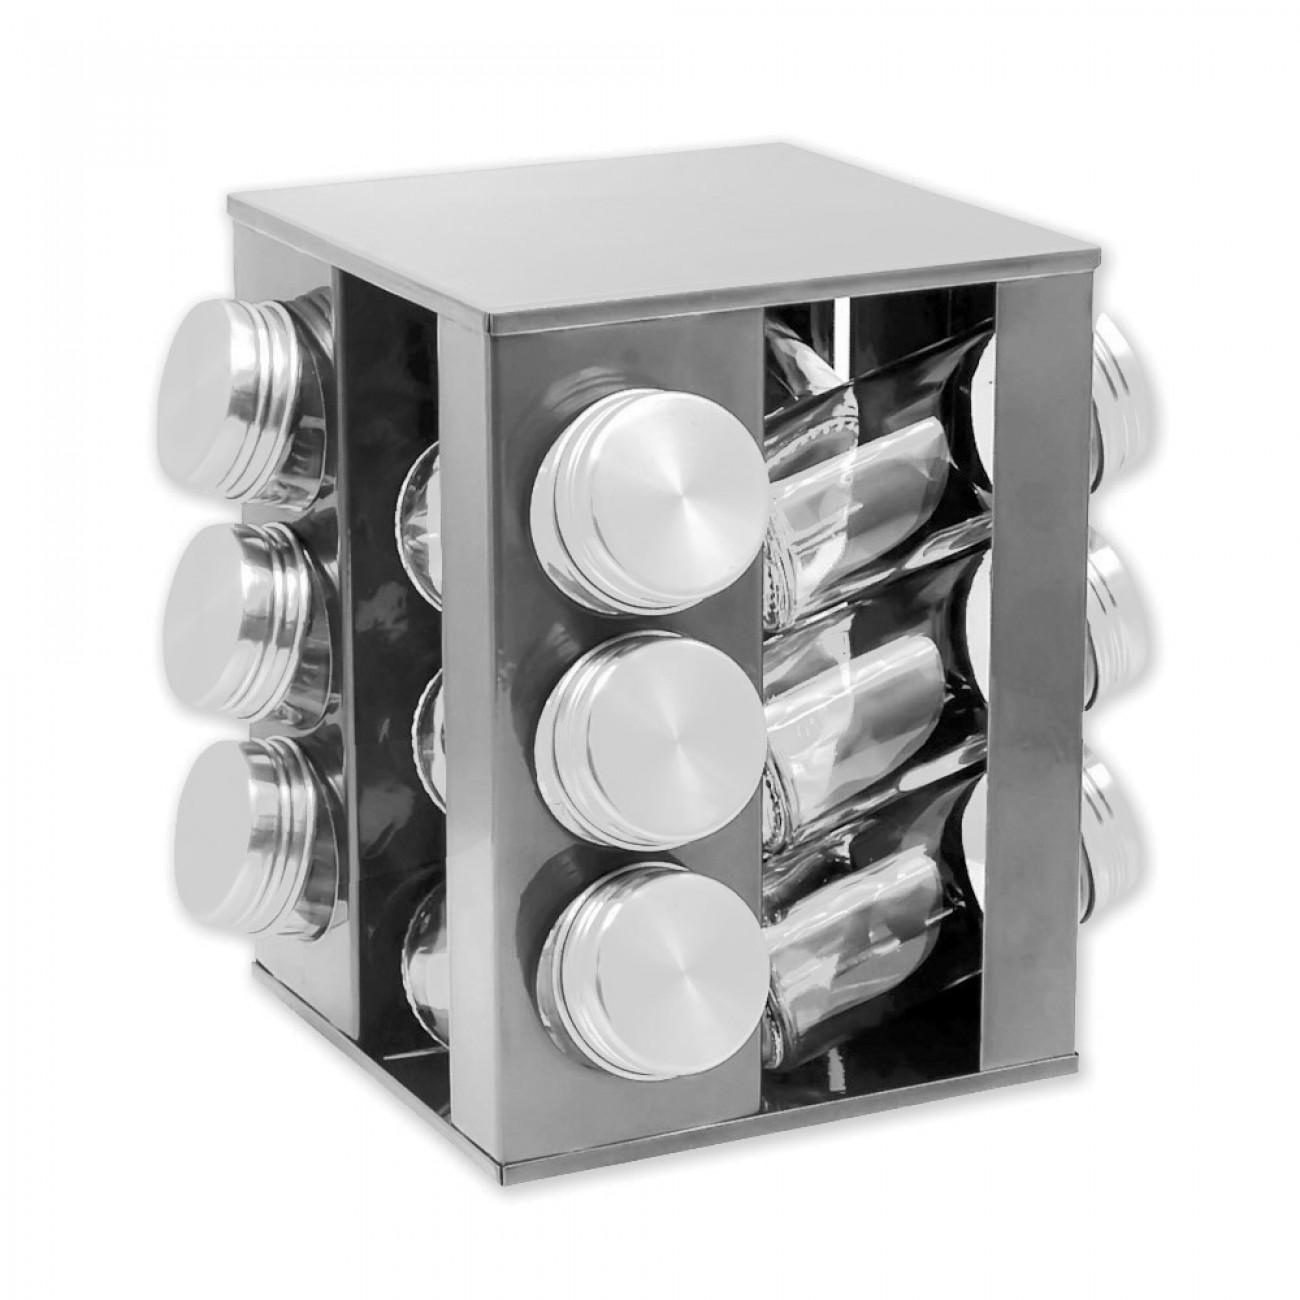 Бурканчета за подправки на стойка ZEPHYR ZP 1217 CS12, 12 бр. бурканчета, 3 нива, Въртяща се основа, Сребрист в Поставки за подправки и органайзери за кухня - ZEPHYR | Alleop